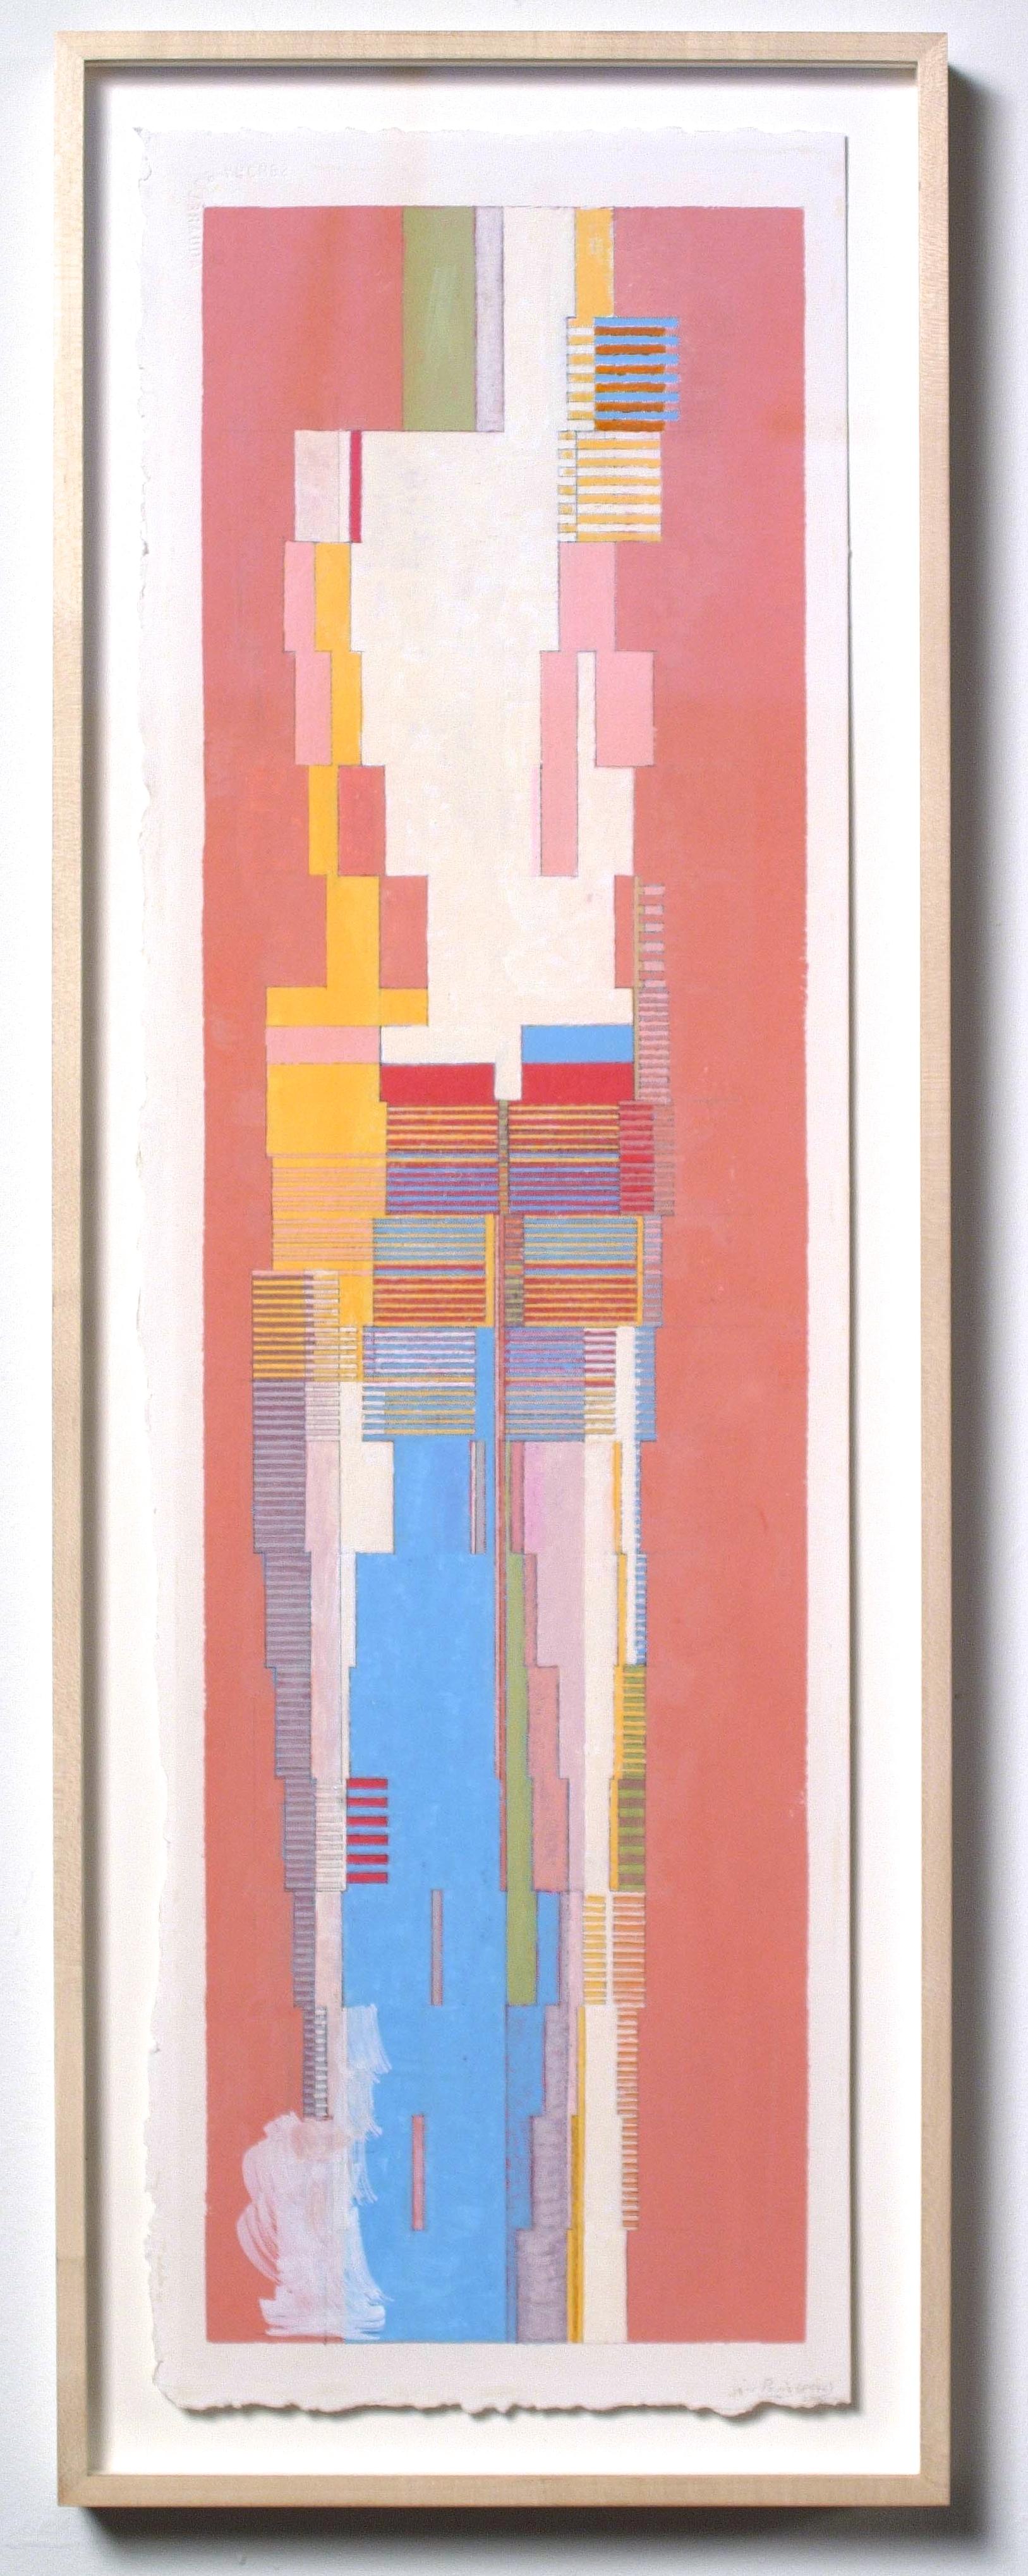 """Paris (PG46), 2005, gouache on paper, 13 1/2""""x28 1/2"""""""